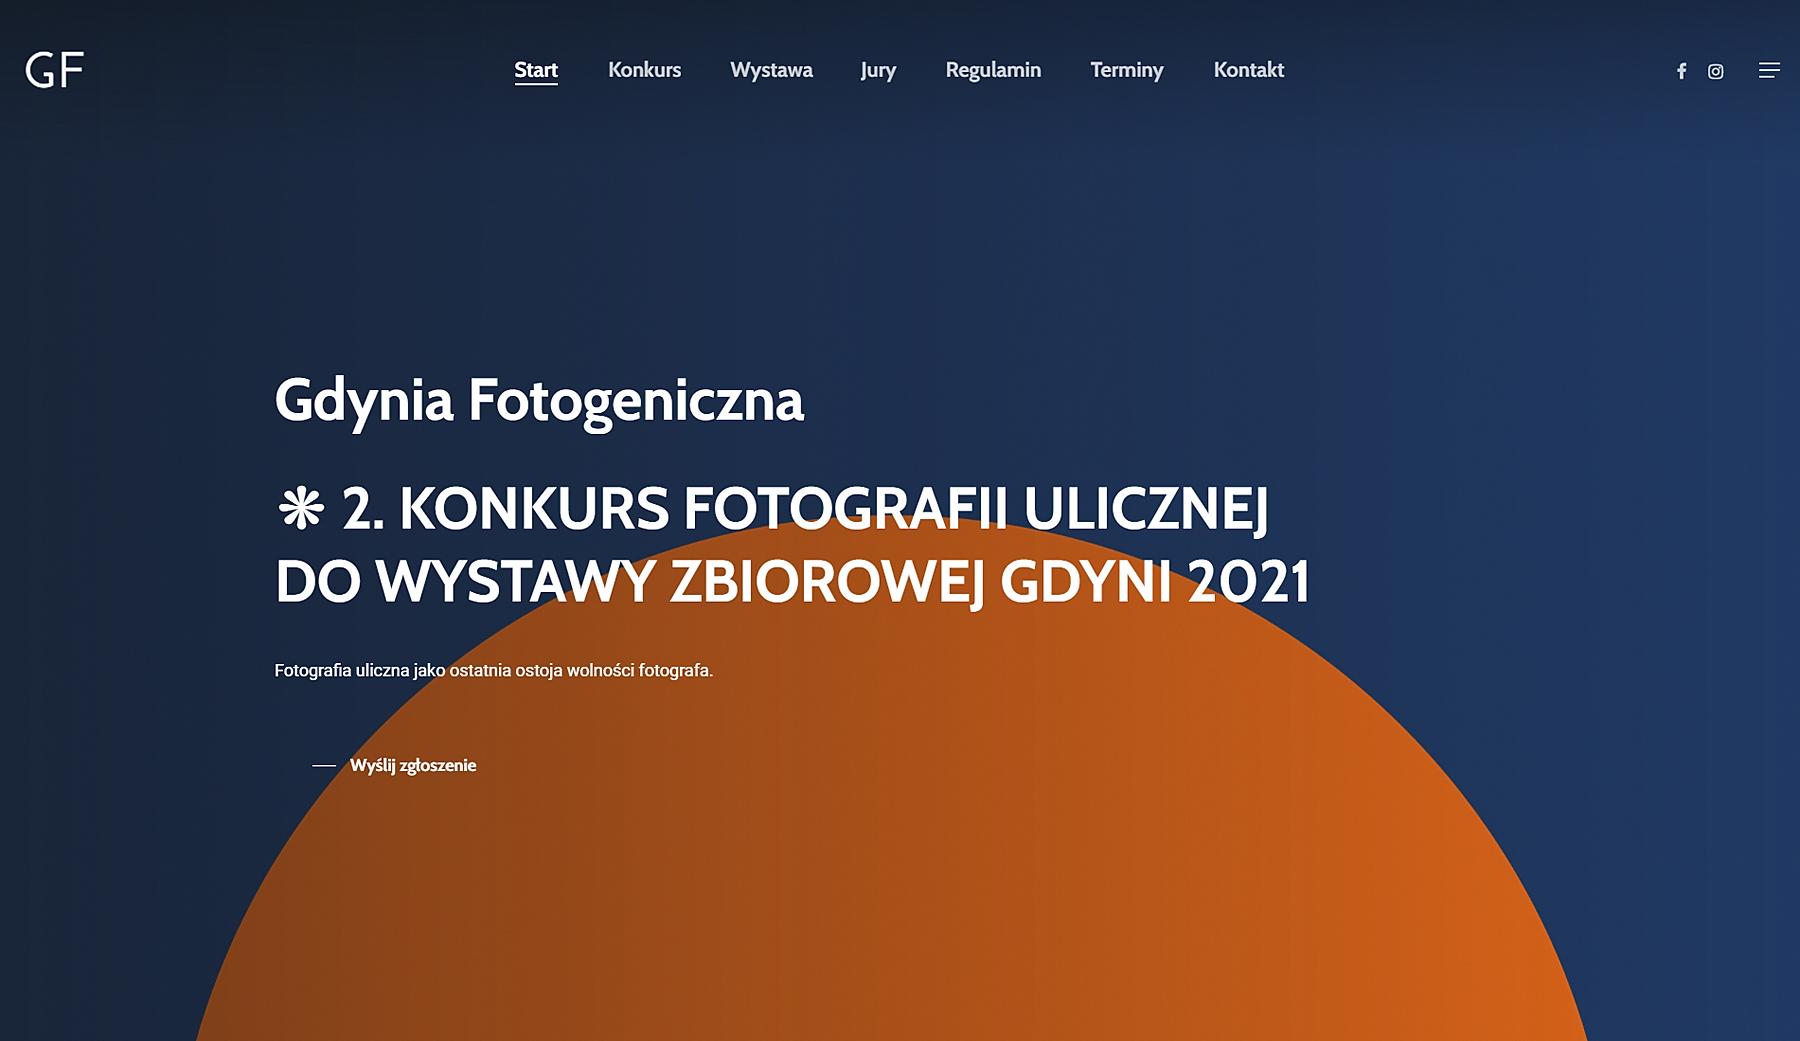 Gdynia Fotogeniczna - Strona internetowa